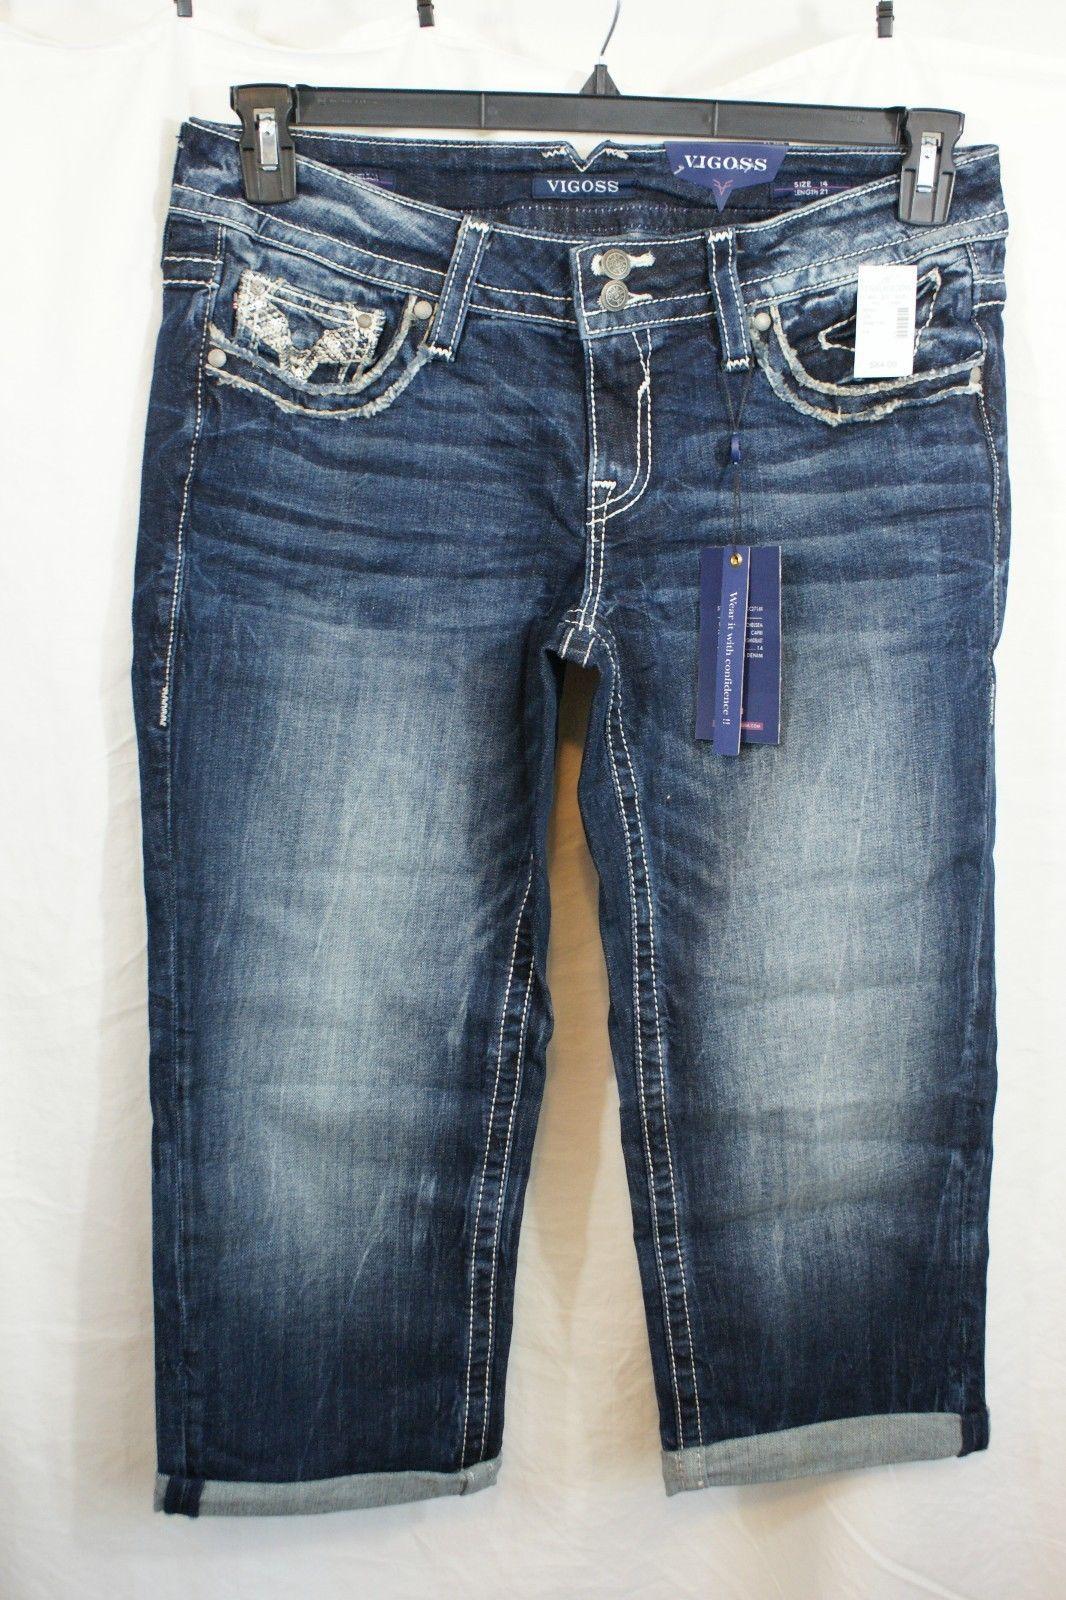 6774c5a99a7 Size 14 WOMENS VIGOSS Plus blue denim Chelsea CAPRI jeans pockets ...